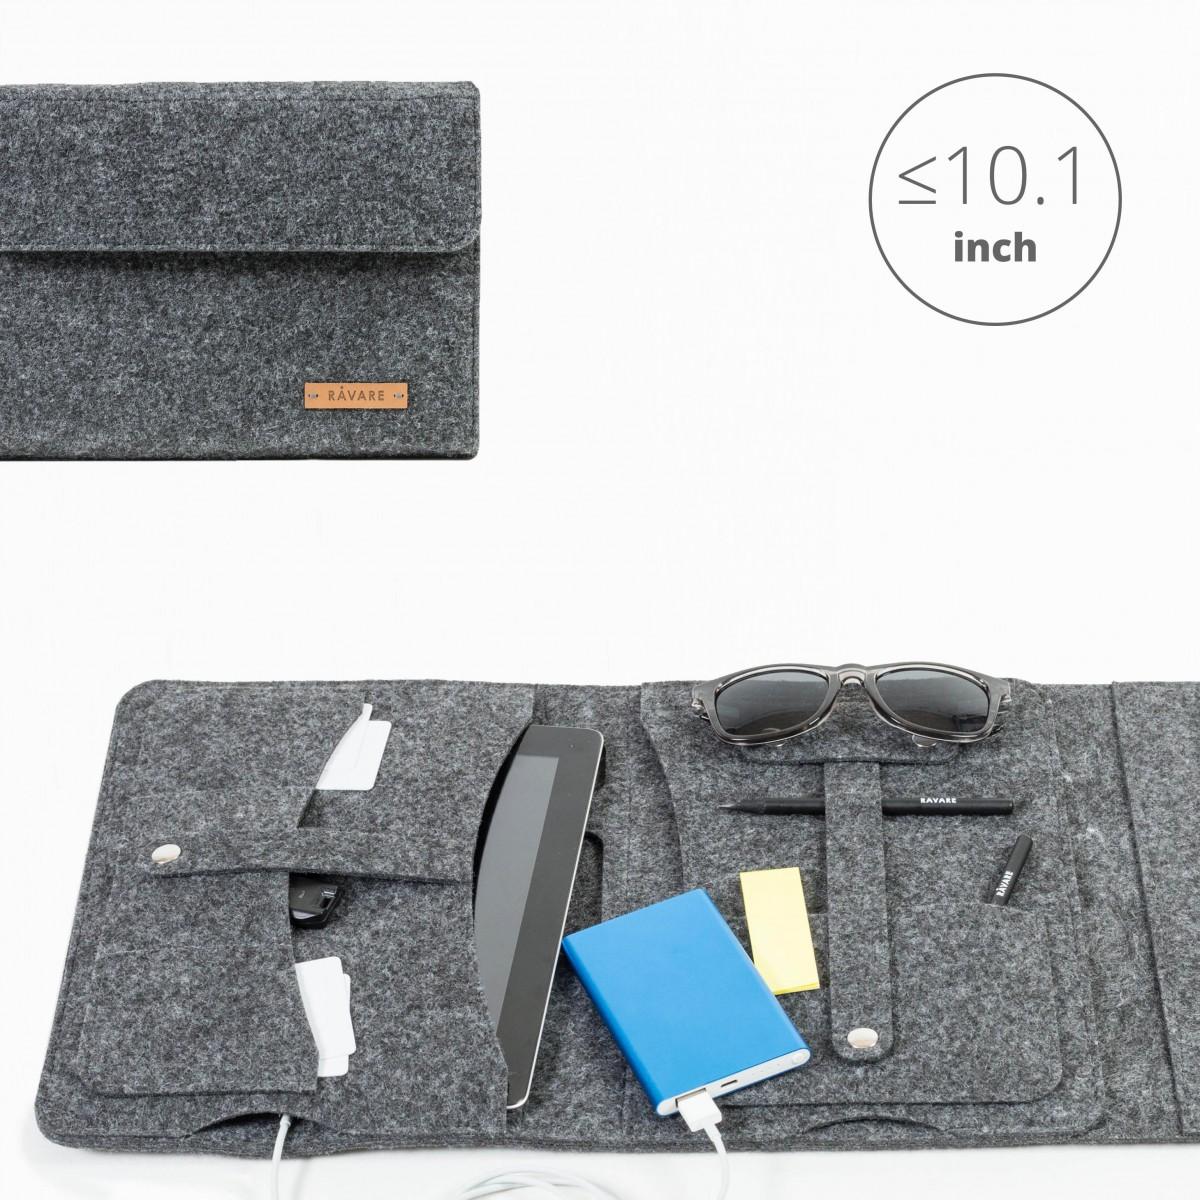 RÅVARE Tablet Organizer für kleine und mittlere Tablets ≤10.1″ mit vielen Stecklaschen, iPad, Samsung in grau [KOCO M]